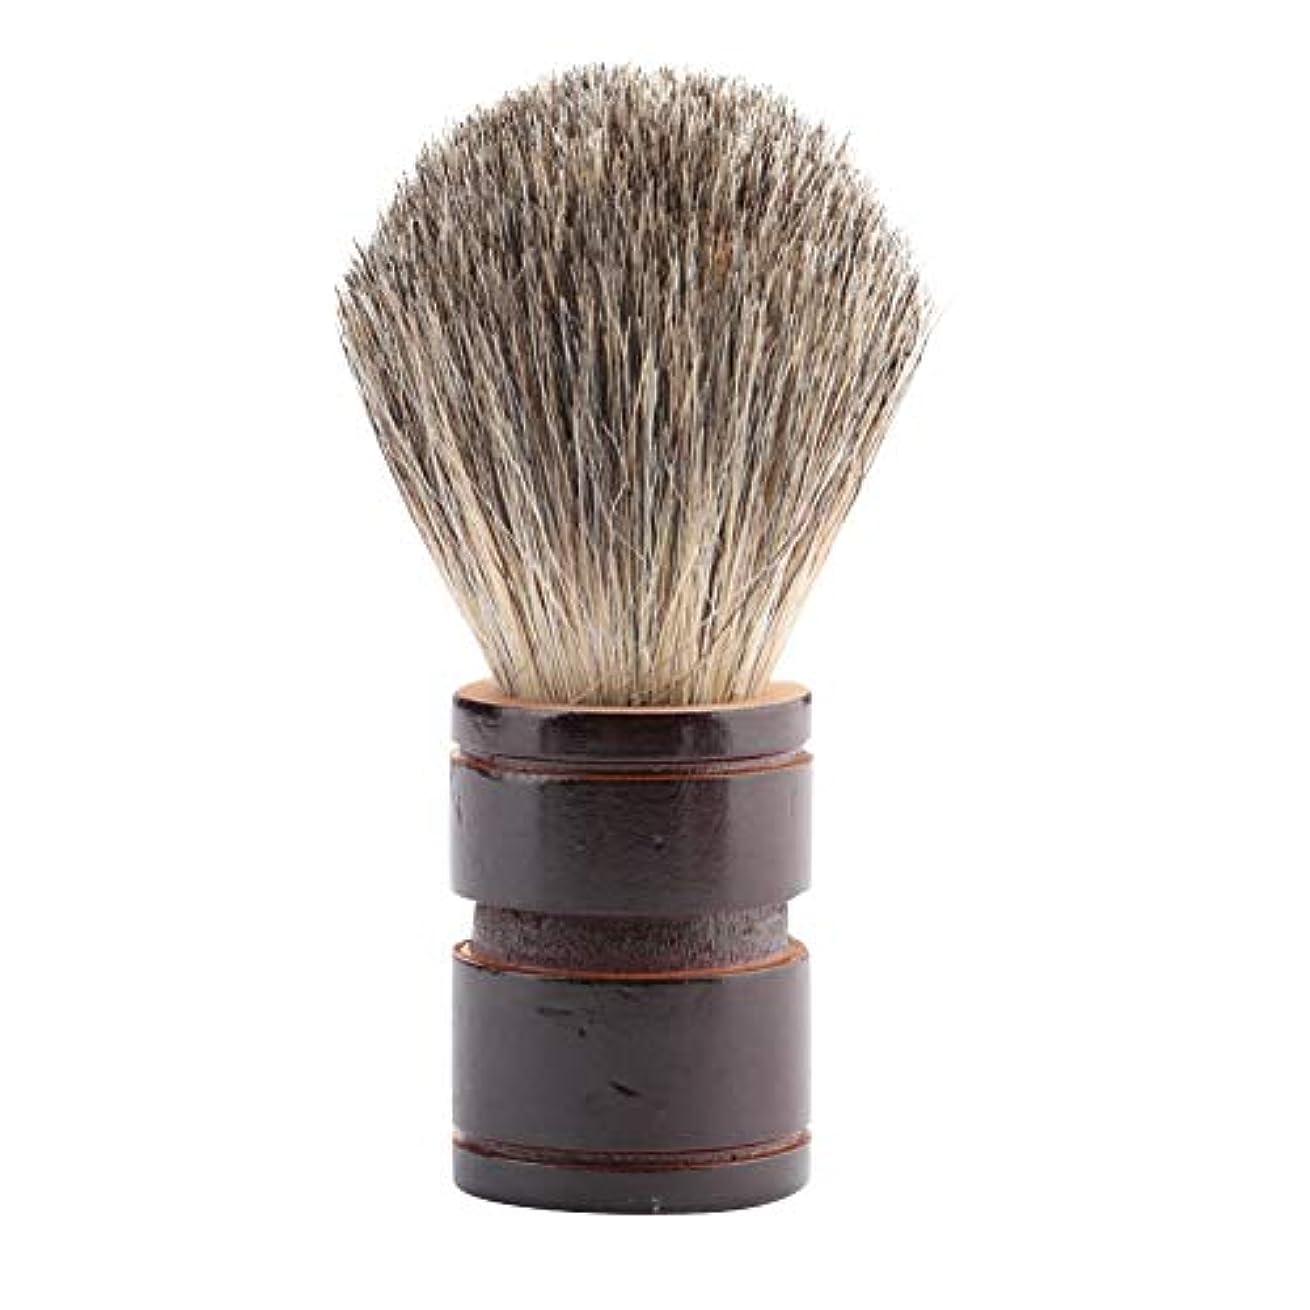 ひげブラシ、2色オプションのポータブルプレミアム品質ブラシ男性のためのひげのケアツール美容院と家庭用缶(ヘム+ミックスロード)